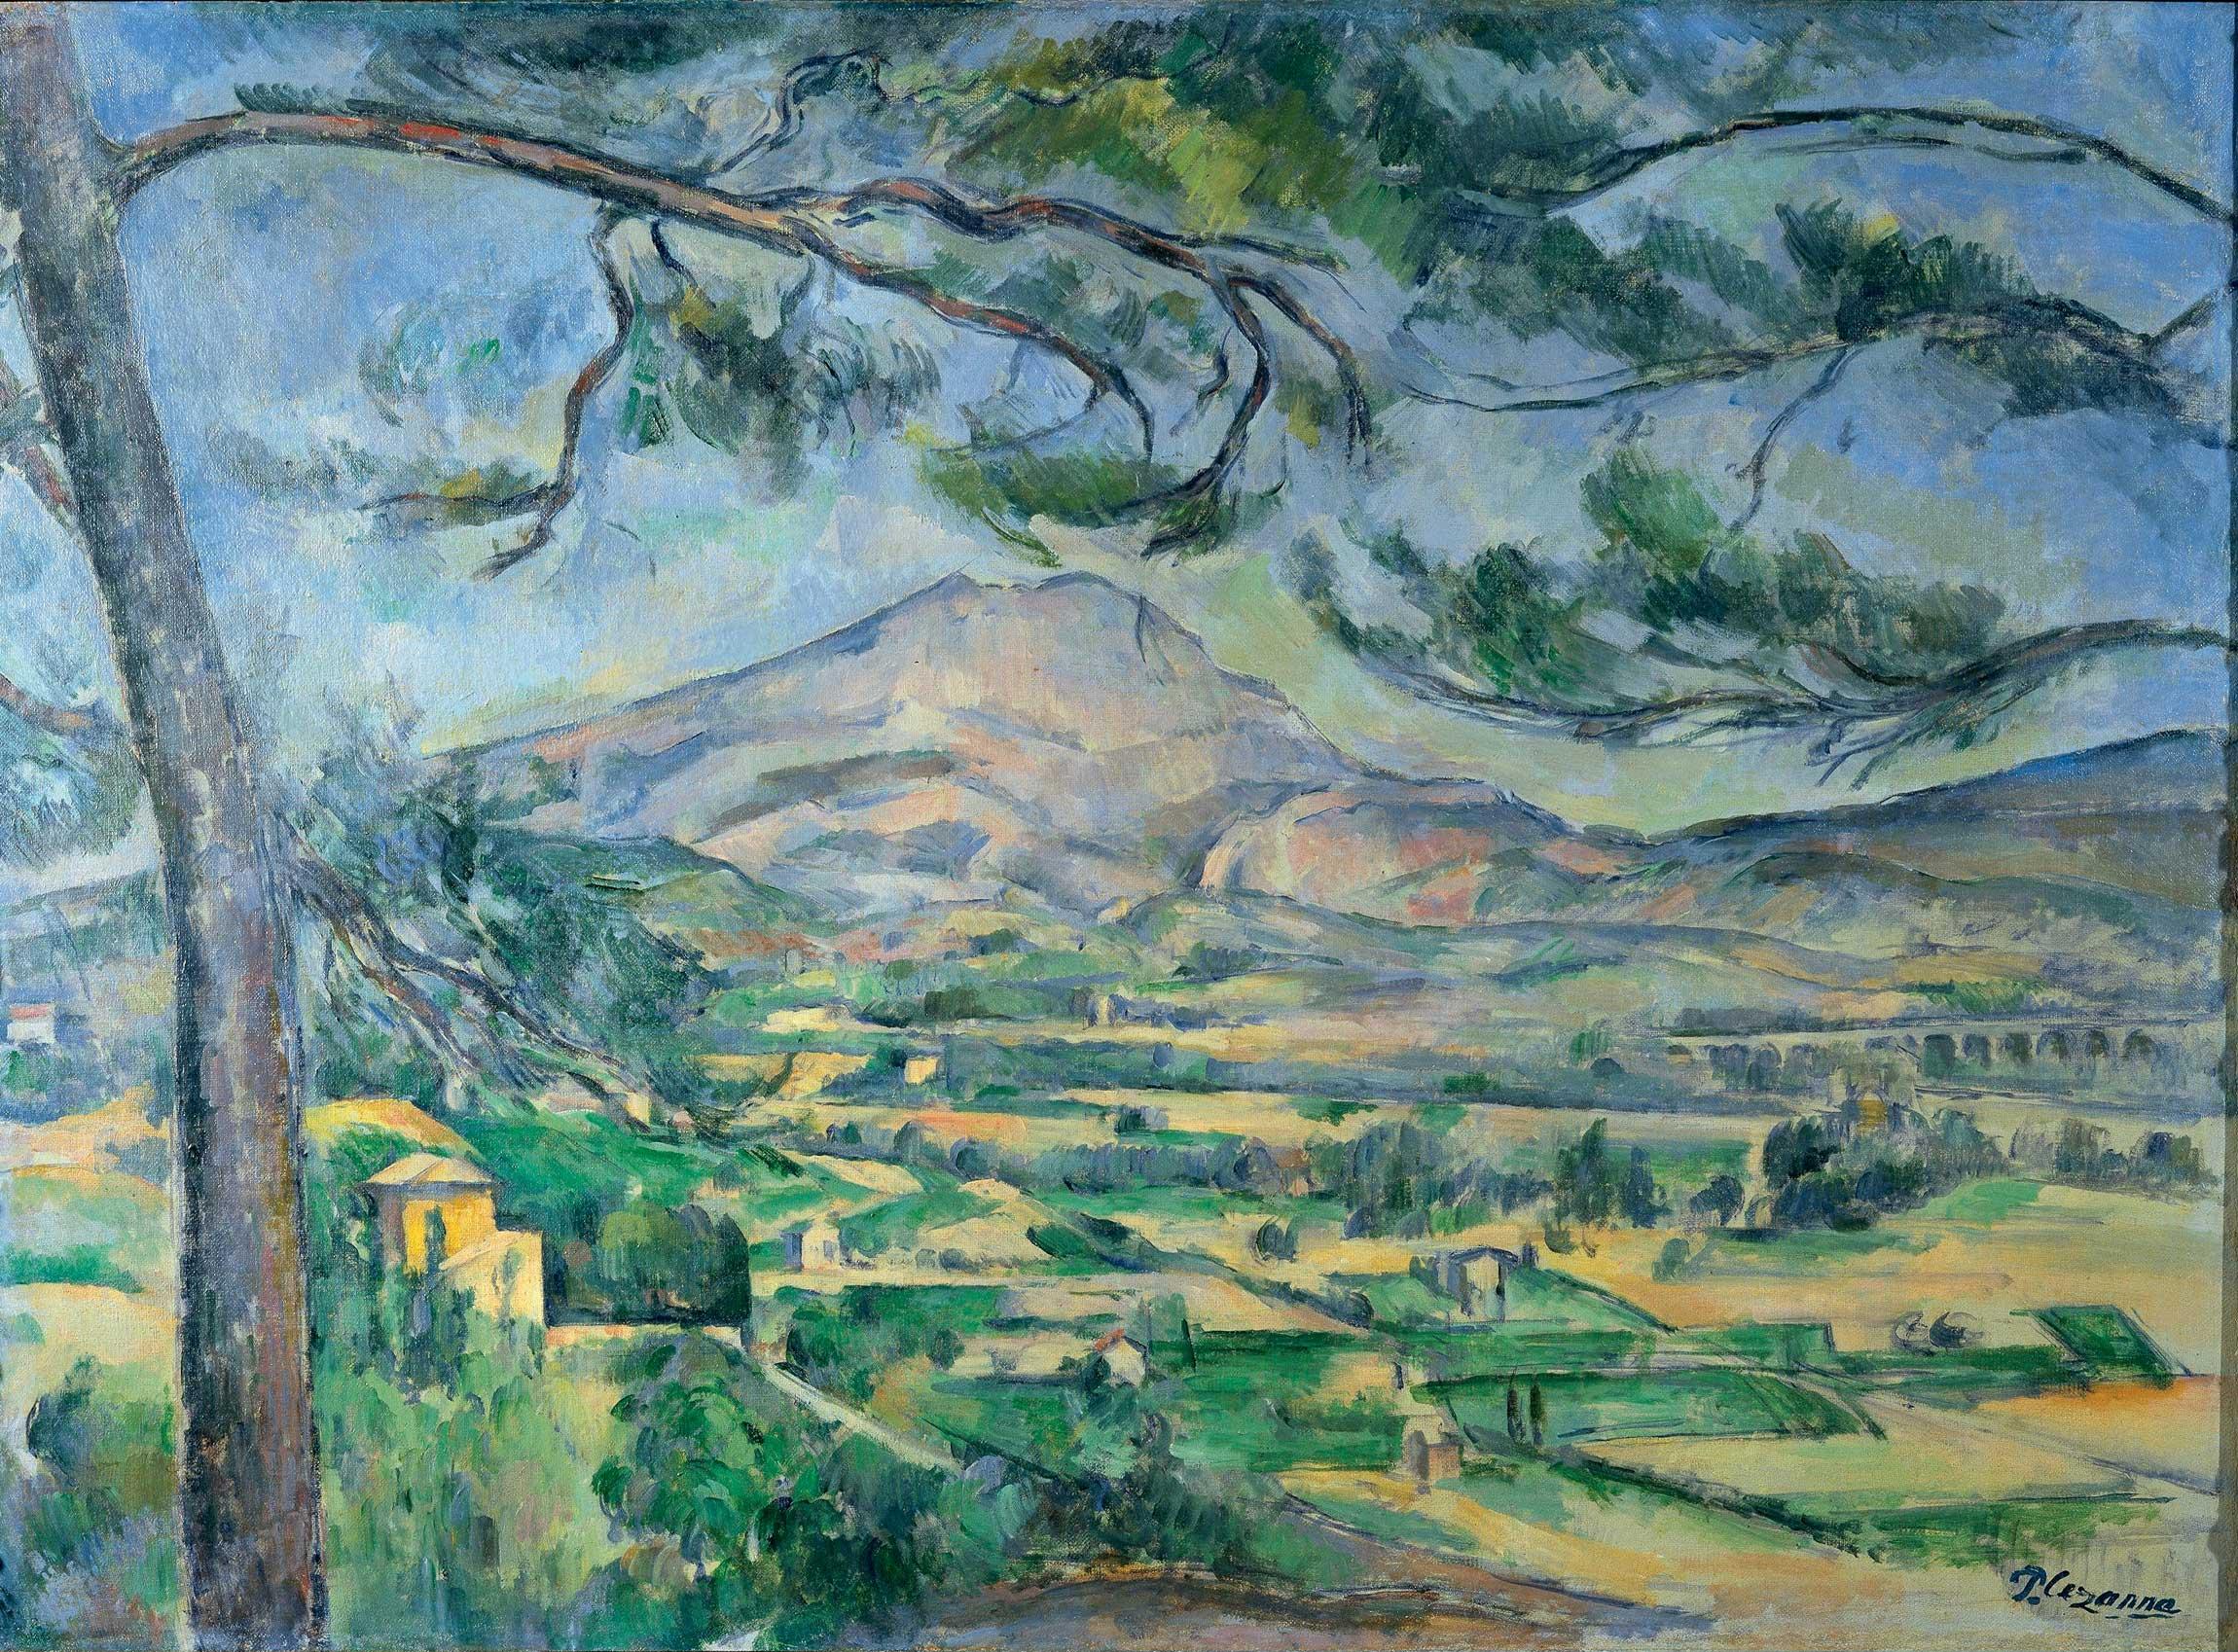 Paul_Cezanne_107